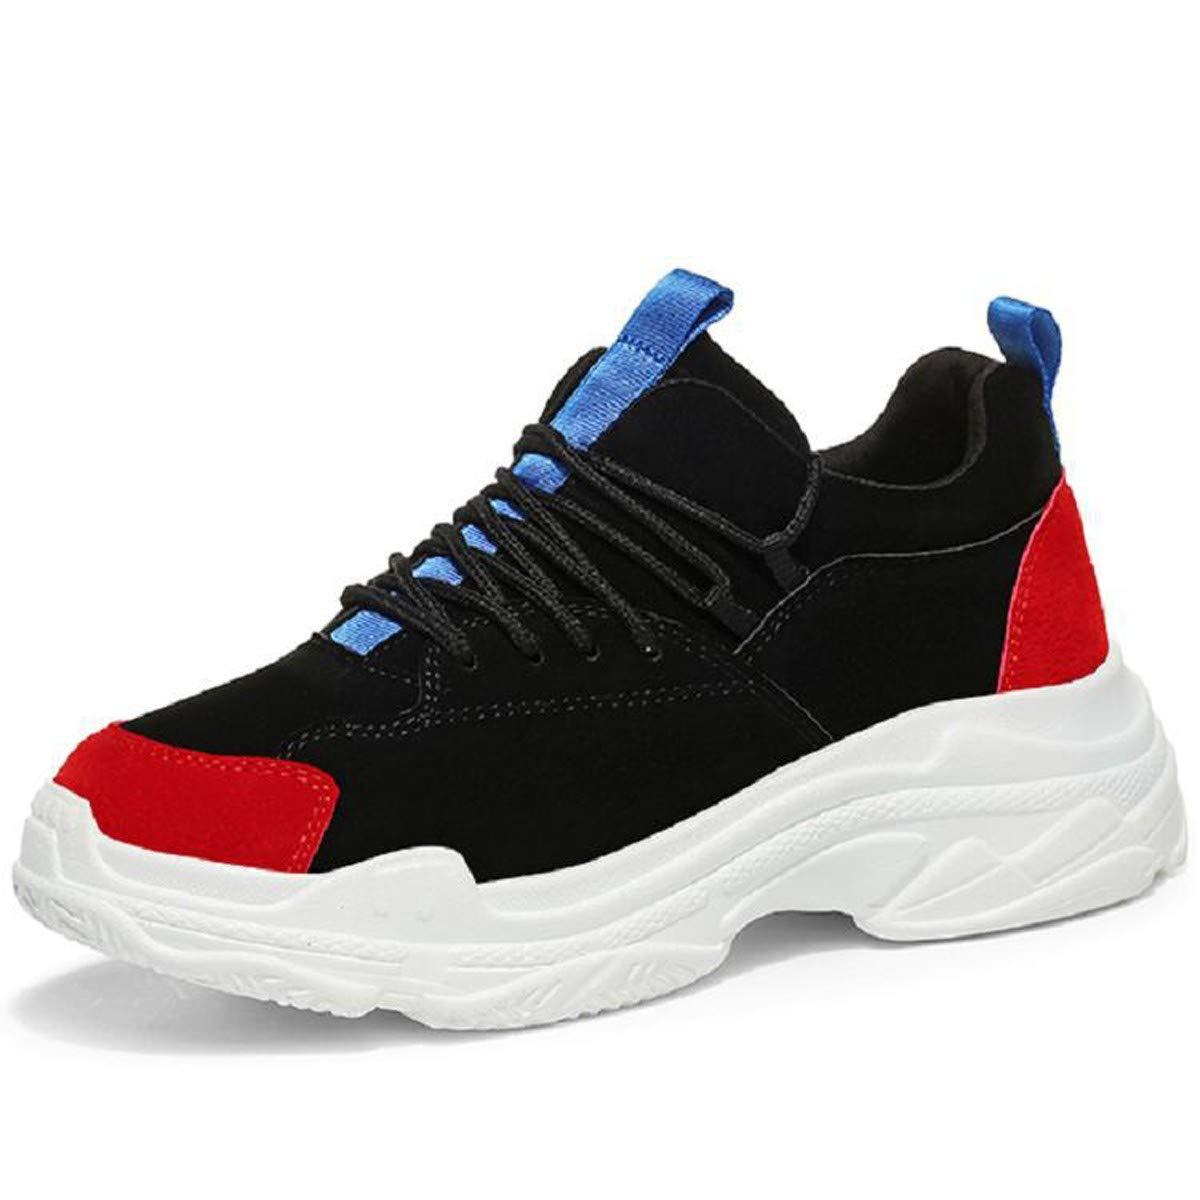 GTVERNH Frauen Schuhe/Sportschuhe Meine Damen Einzelne Schuhe Ihre Schuhe Version Damenschuhe Koreanischen Version Schuhe Herbst Und Winter 3d2949